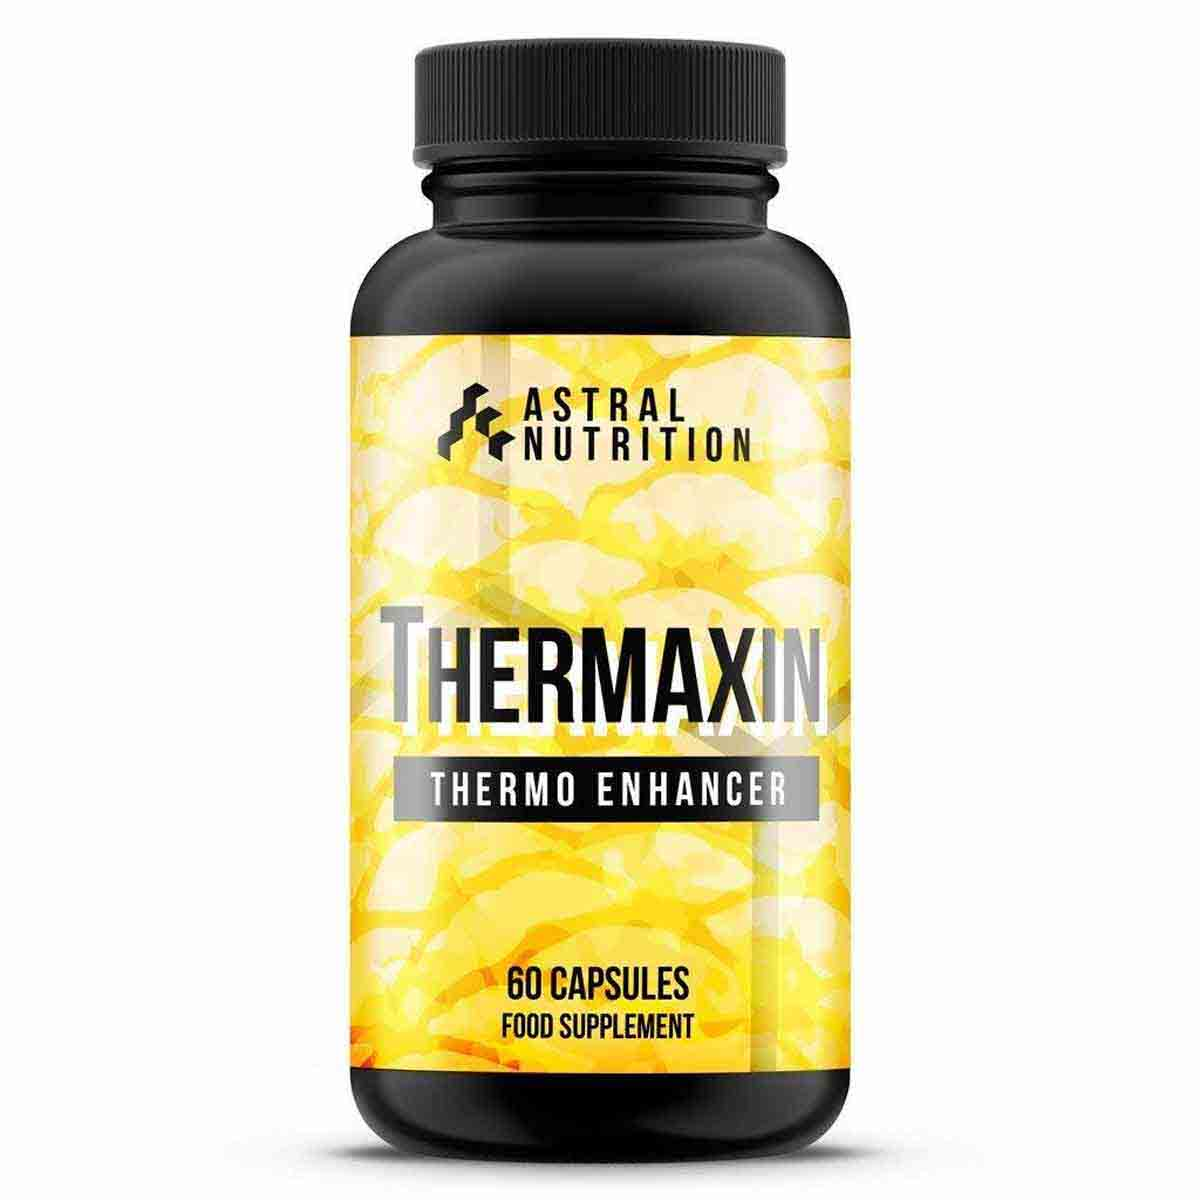 Thermaxin